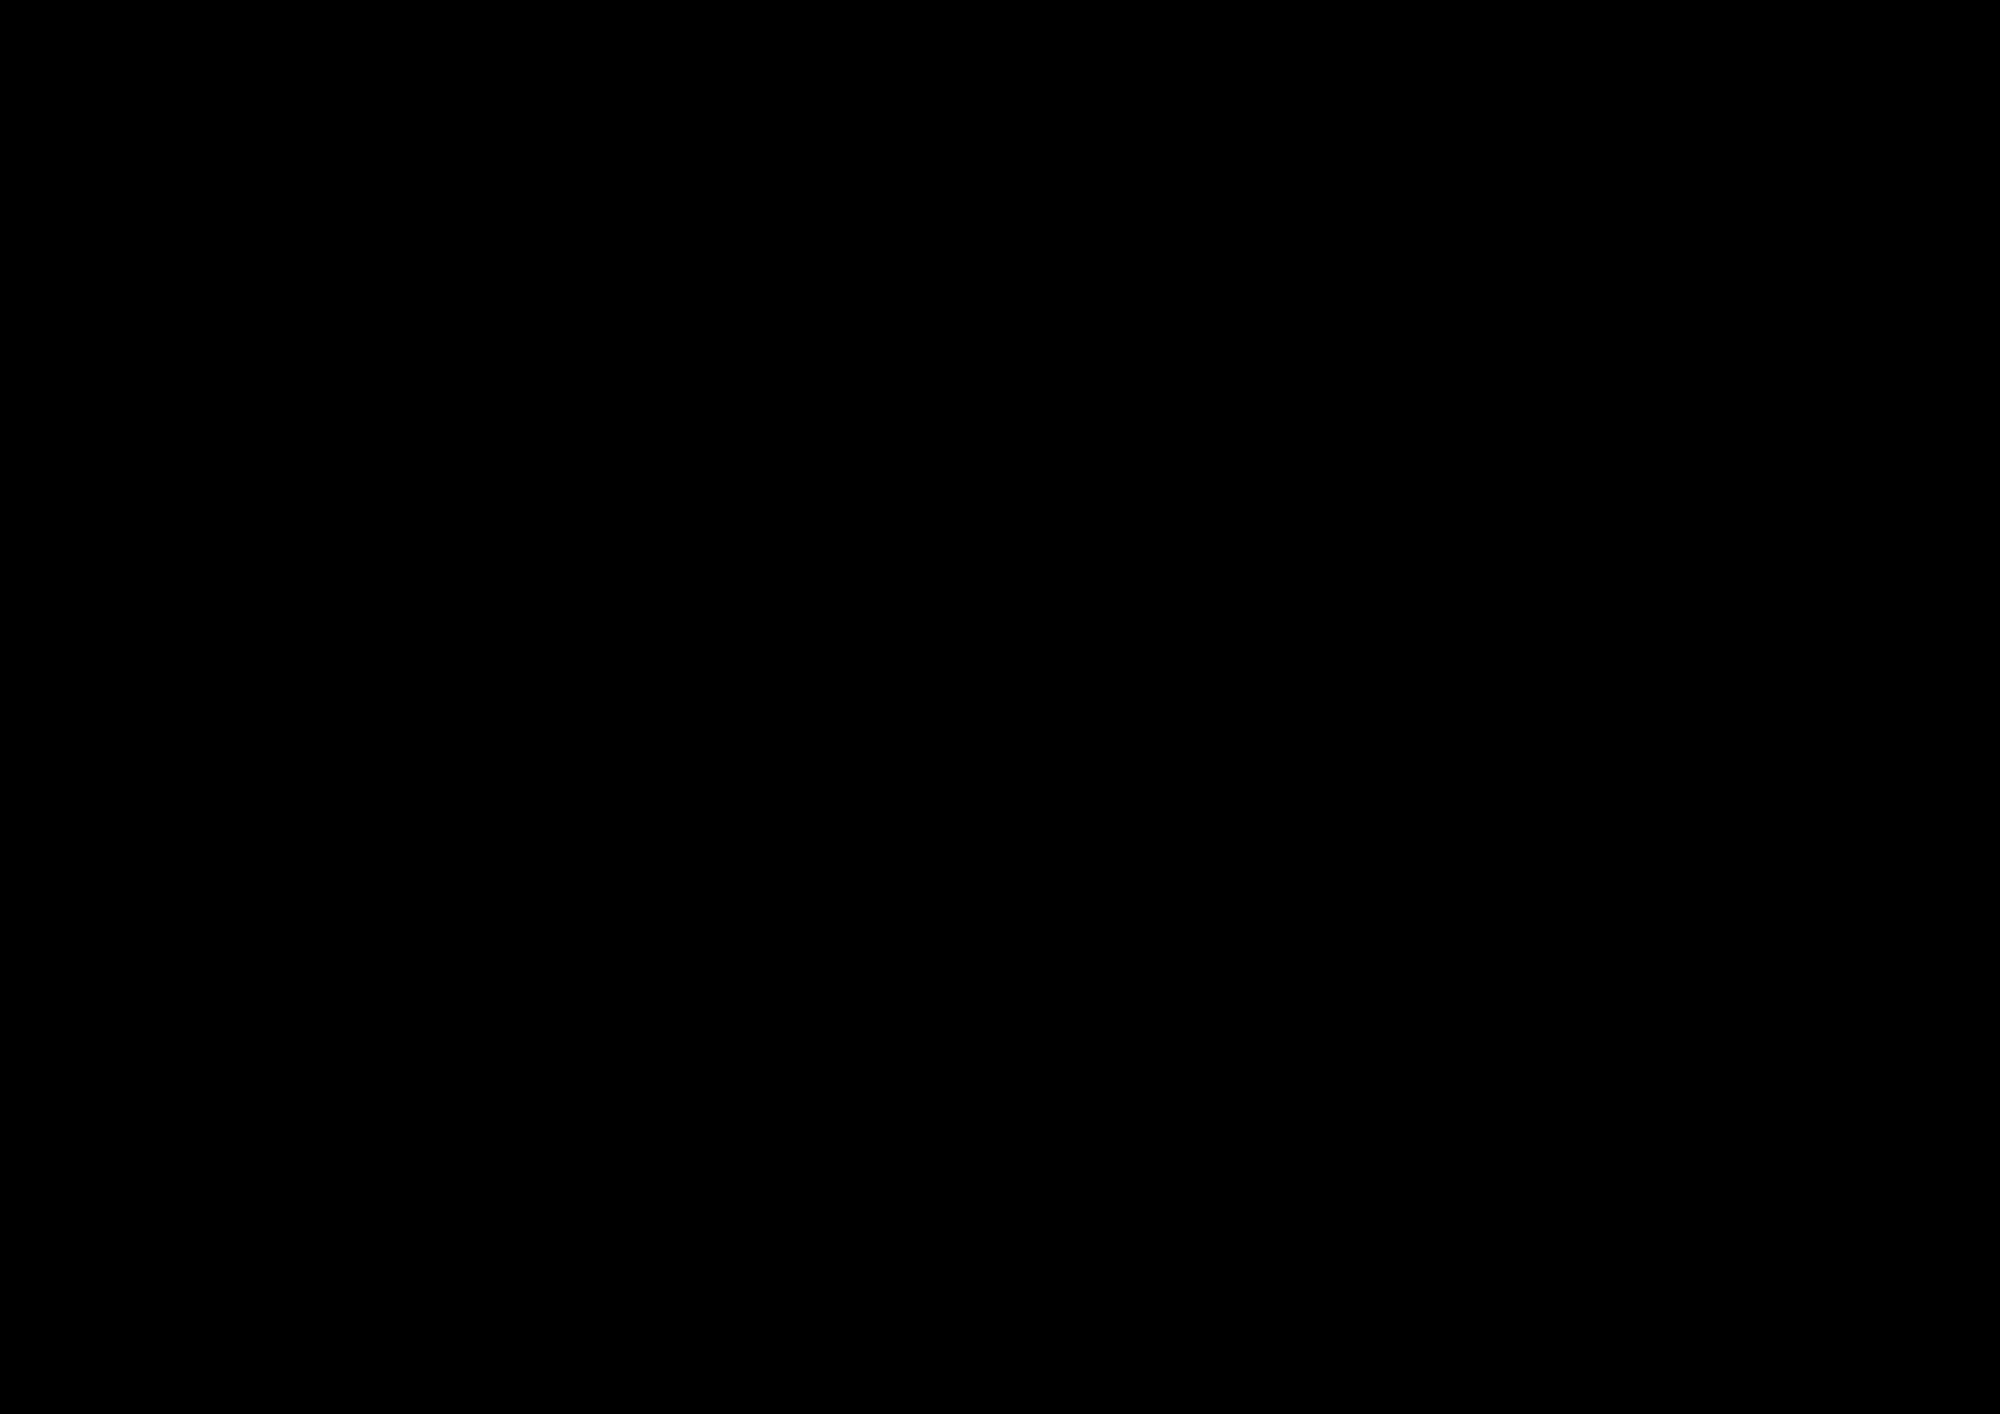 Torii Gate PNG - 7950